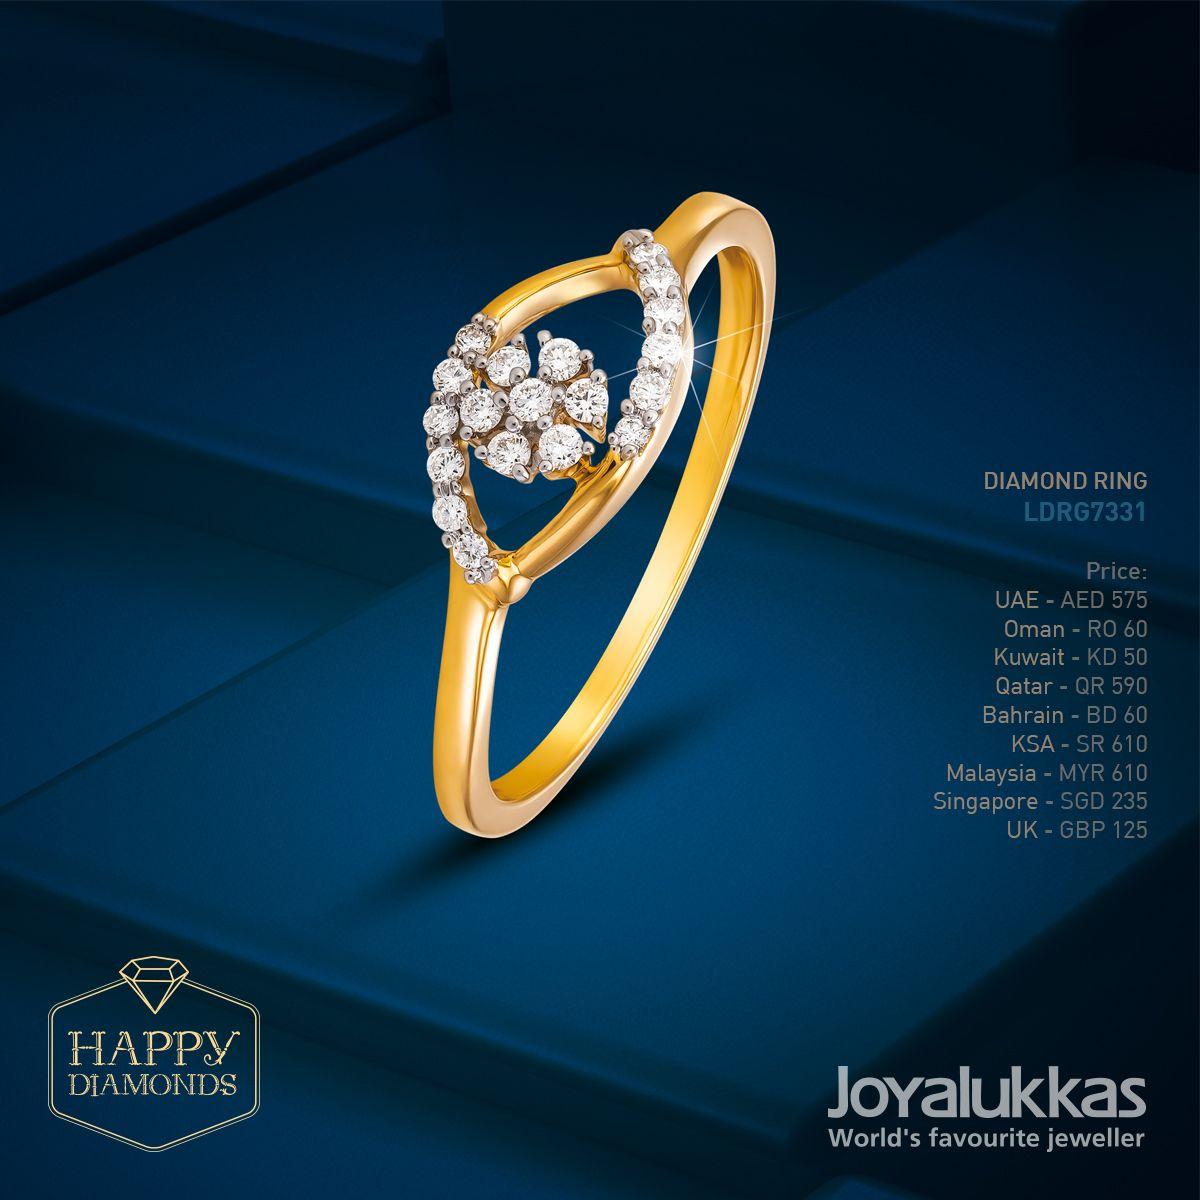 Pin by Joyalukkas Jewellery on Happy Diamonds from Joyalukkas